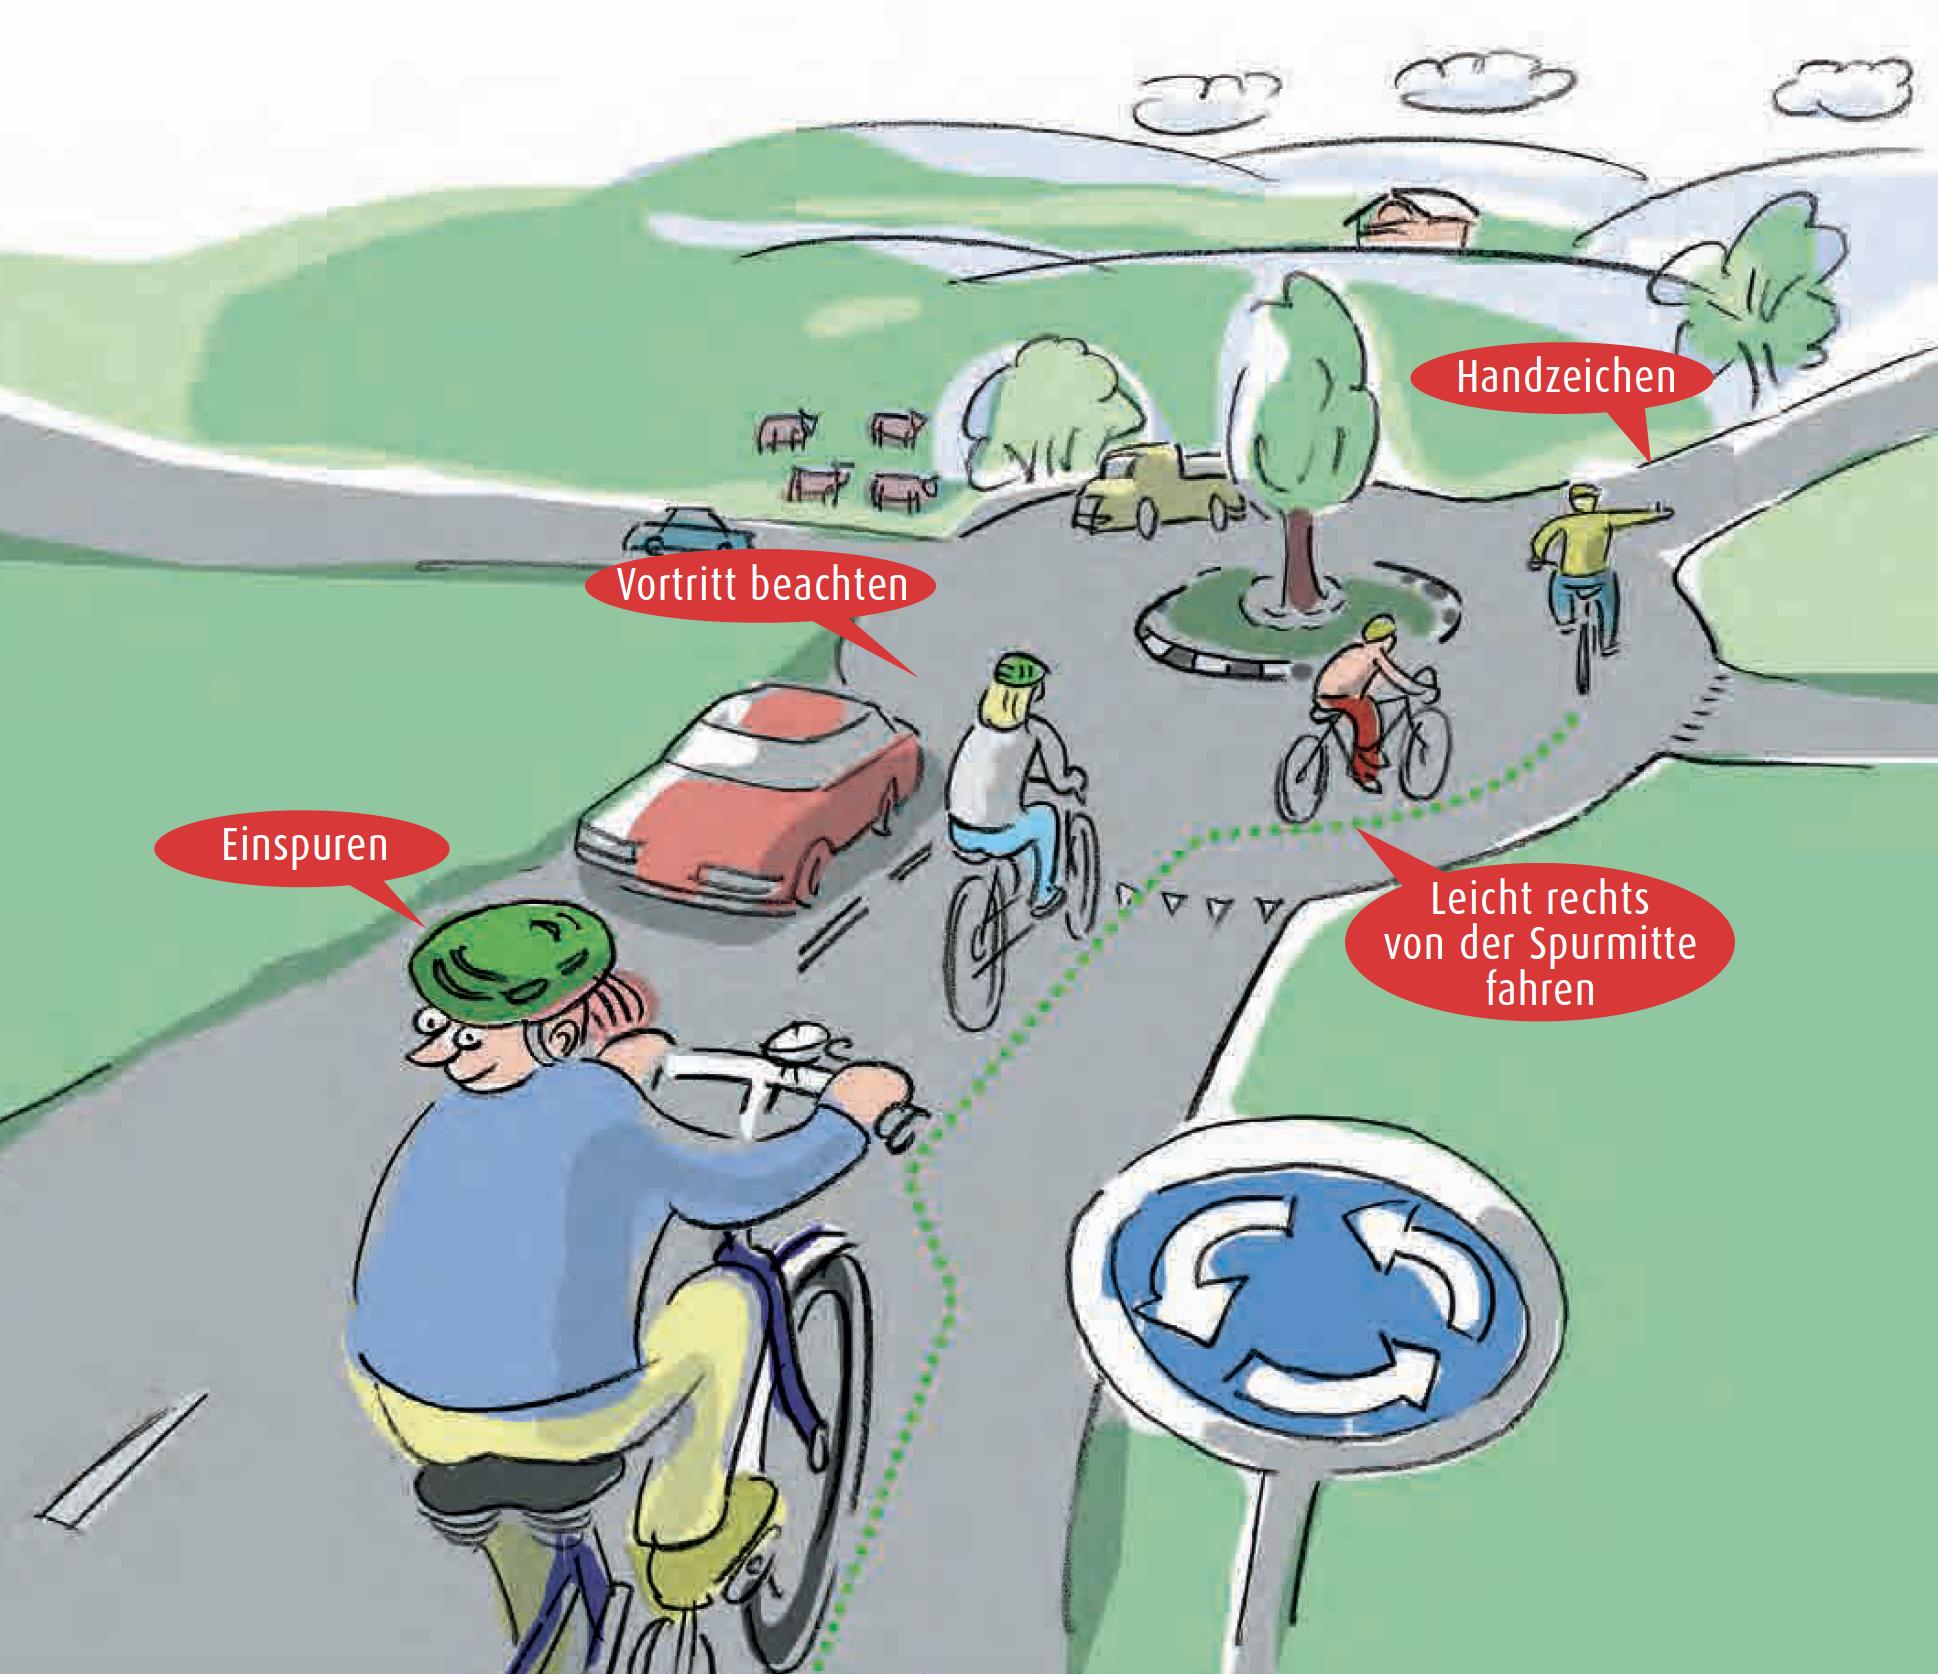 Achtung Kreisel: Velo im Kreisverkehr.